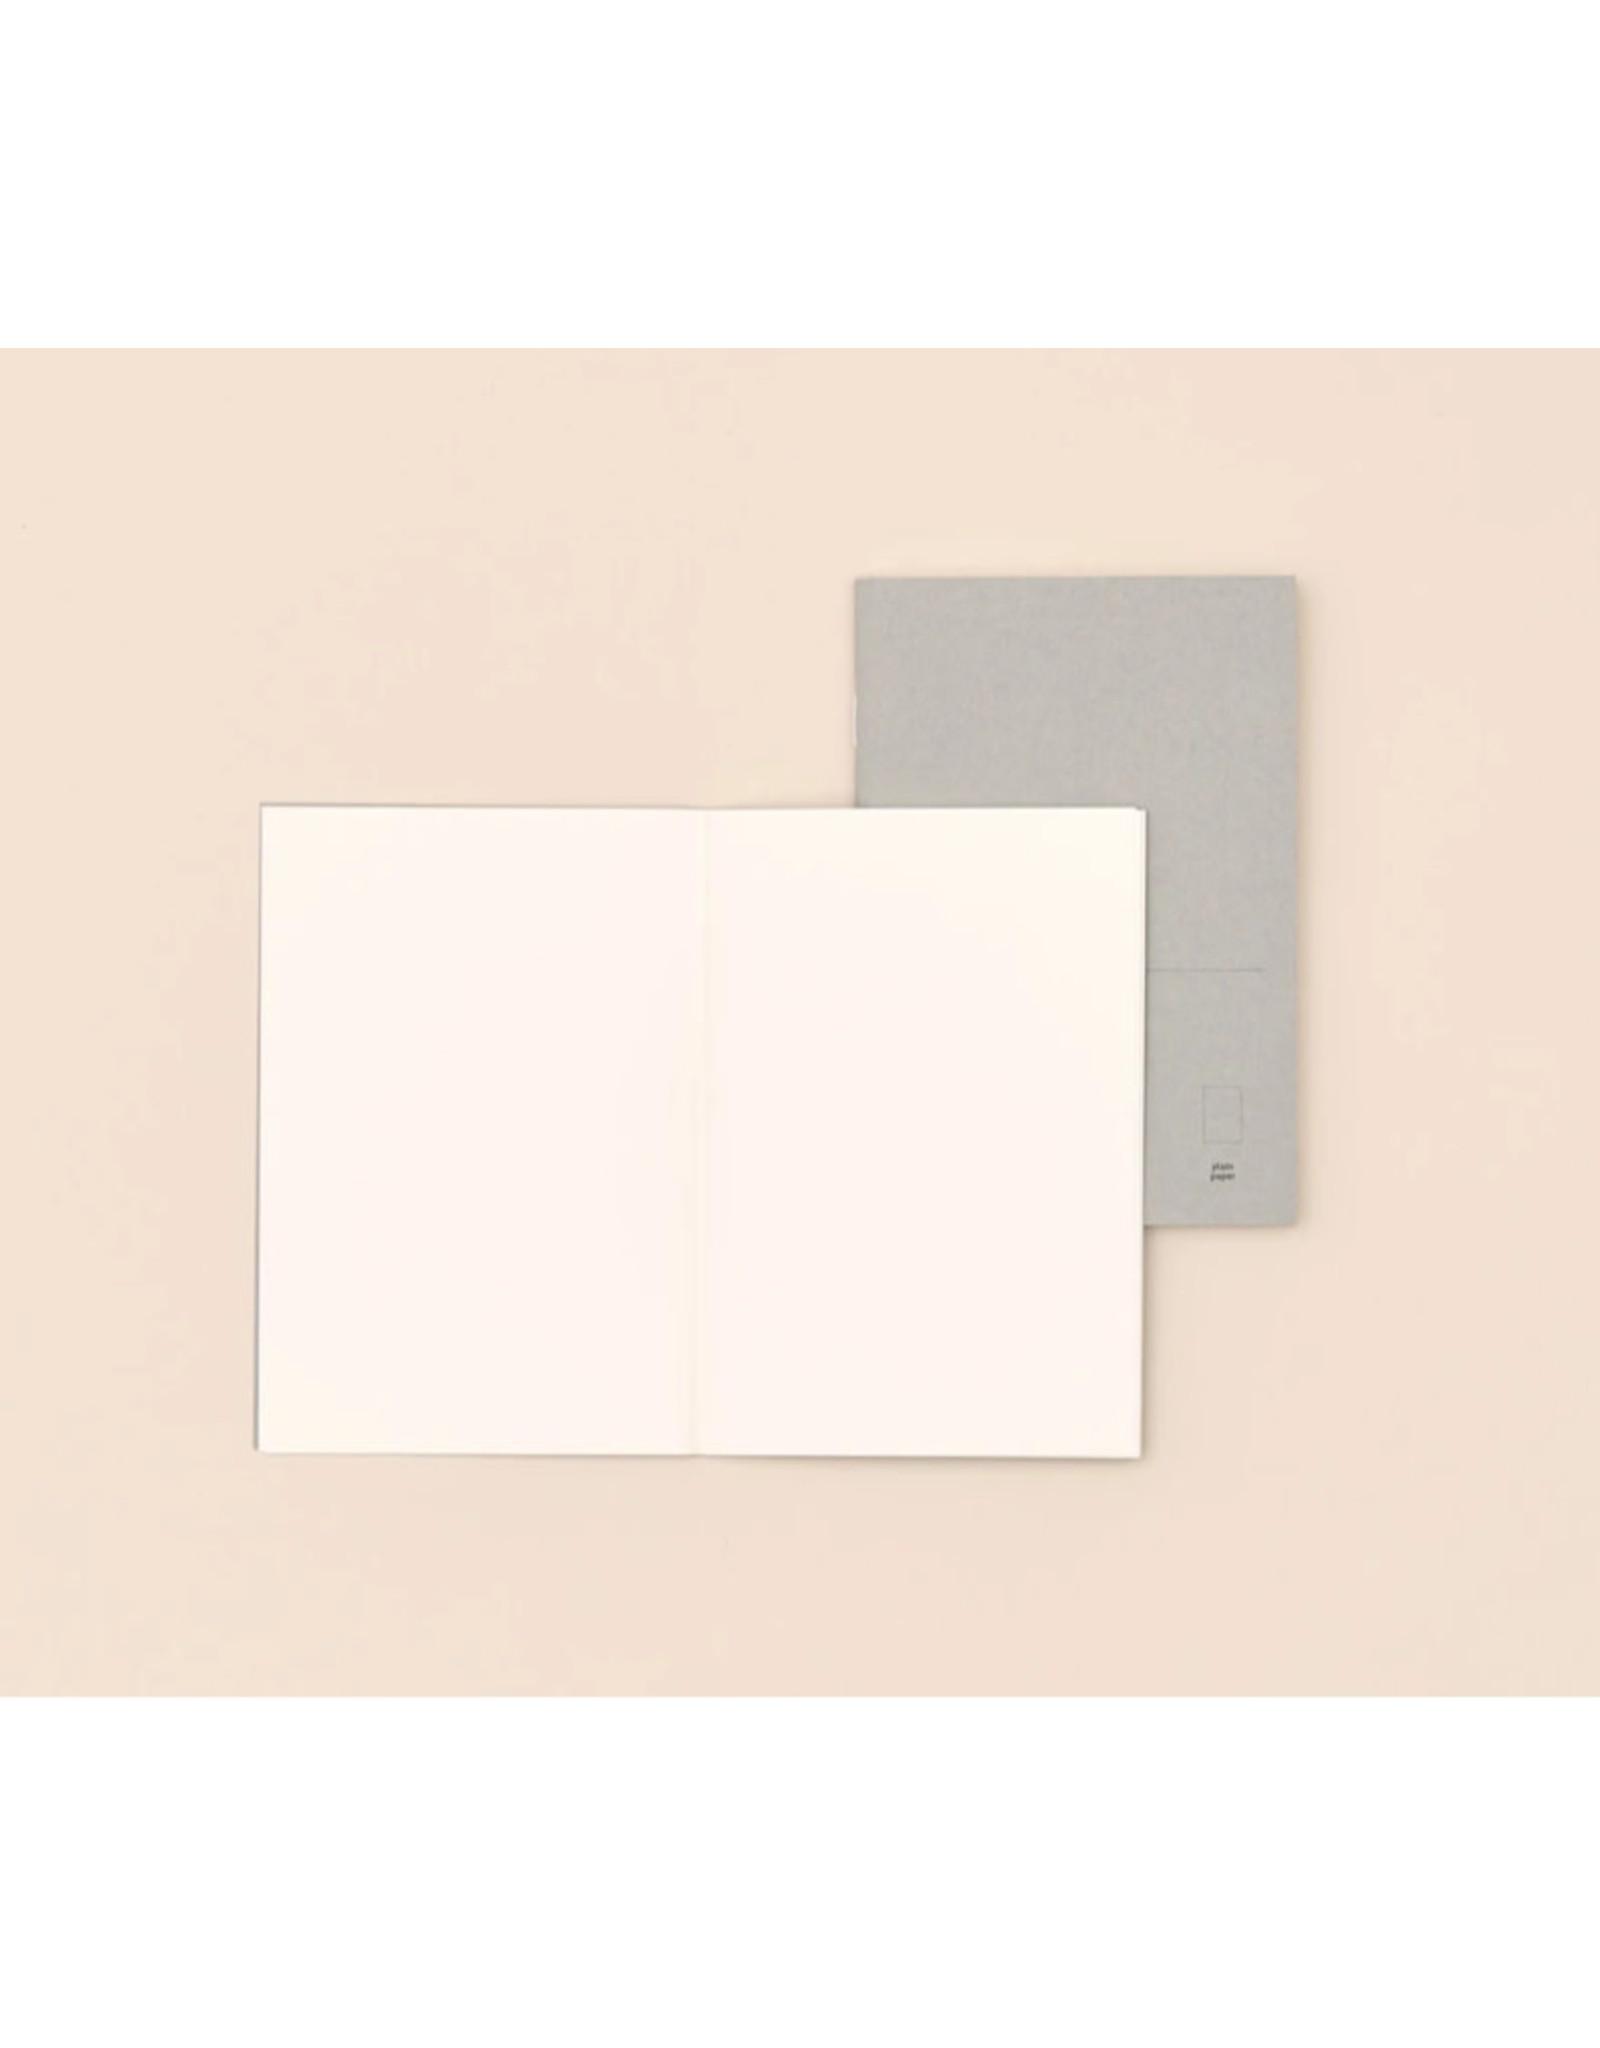 Paper republic Notebook Pocket - Plain -  10 x 14 - 48 pages